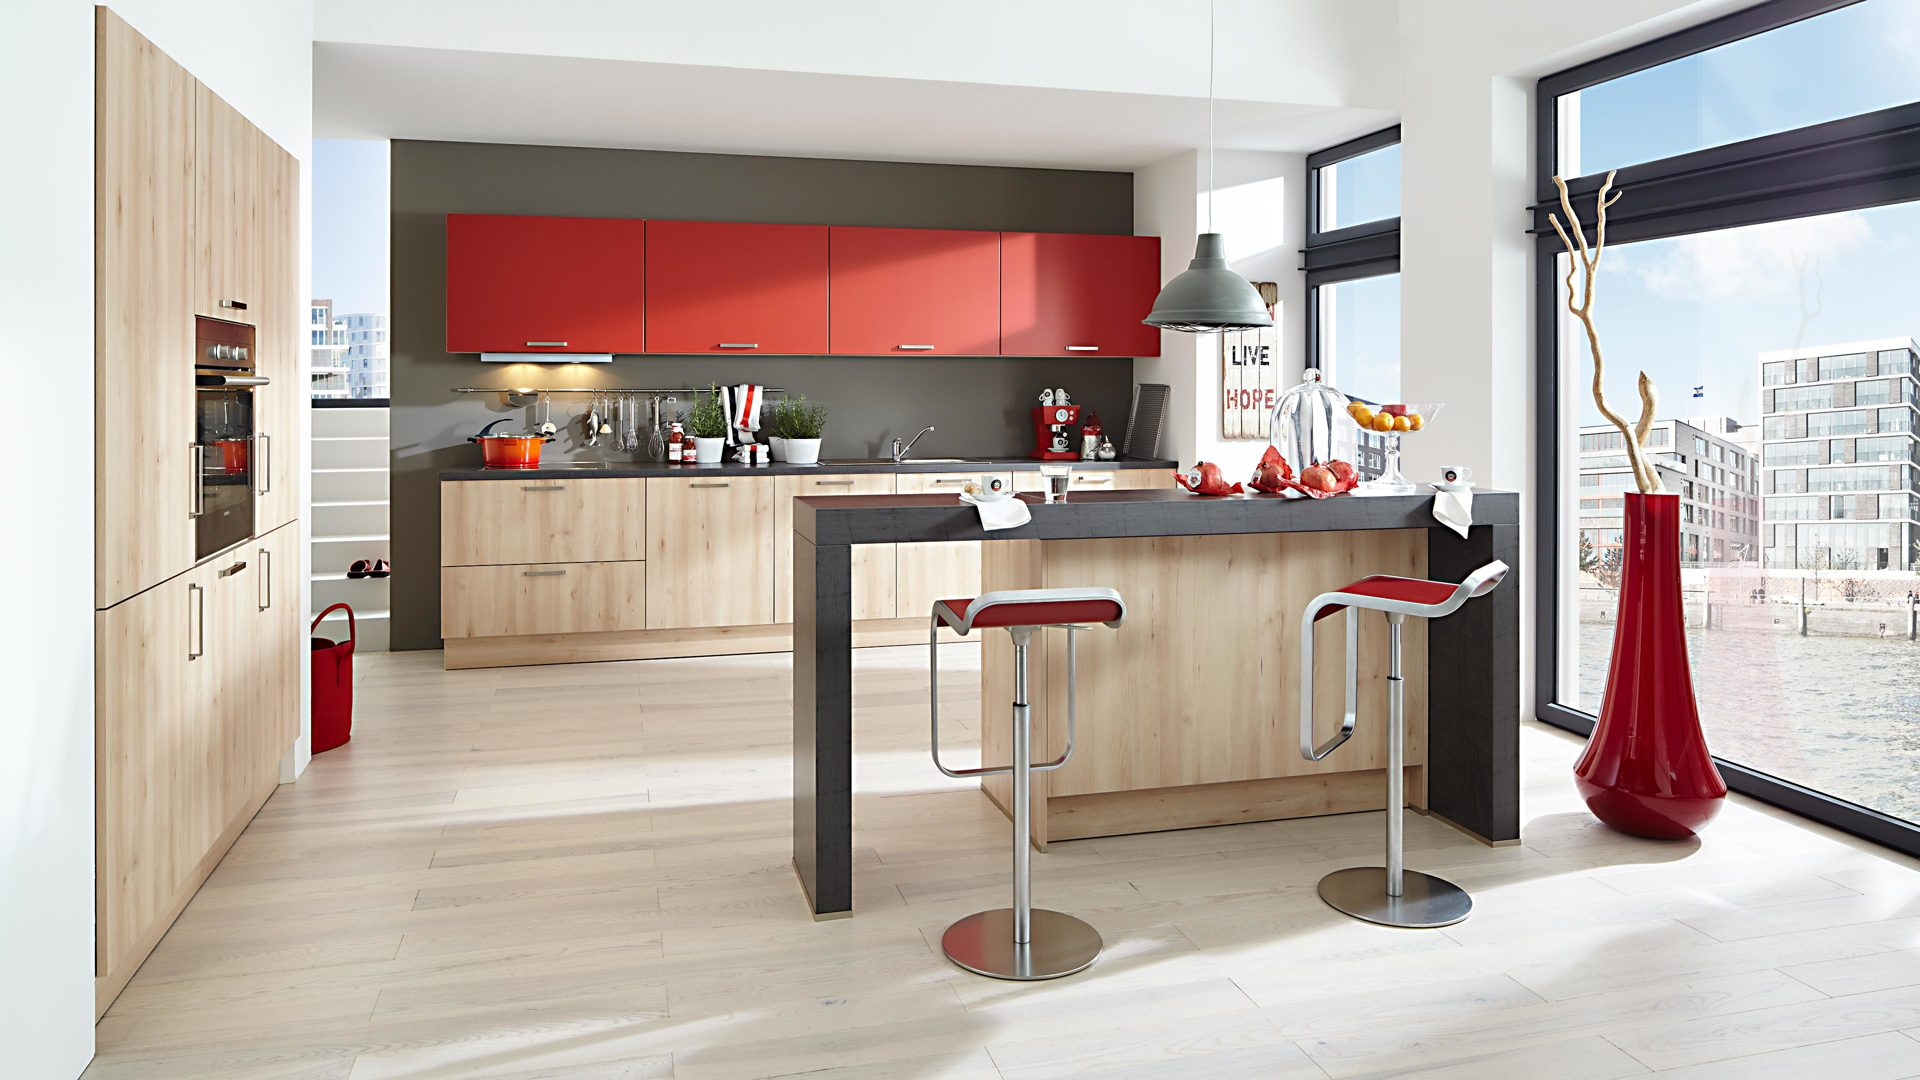 möbel frauendorfer amberg | räume | küche | einbauküche mit